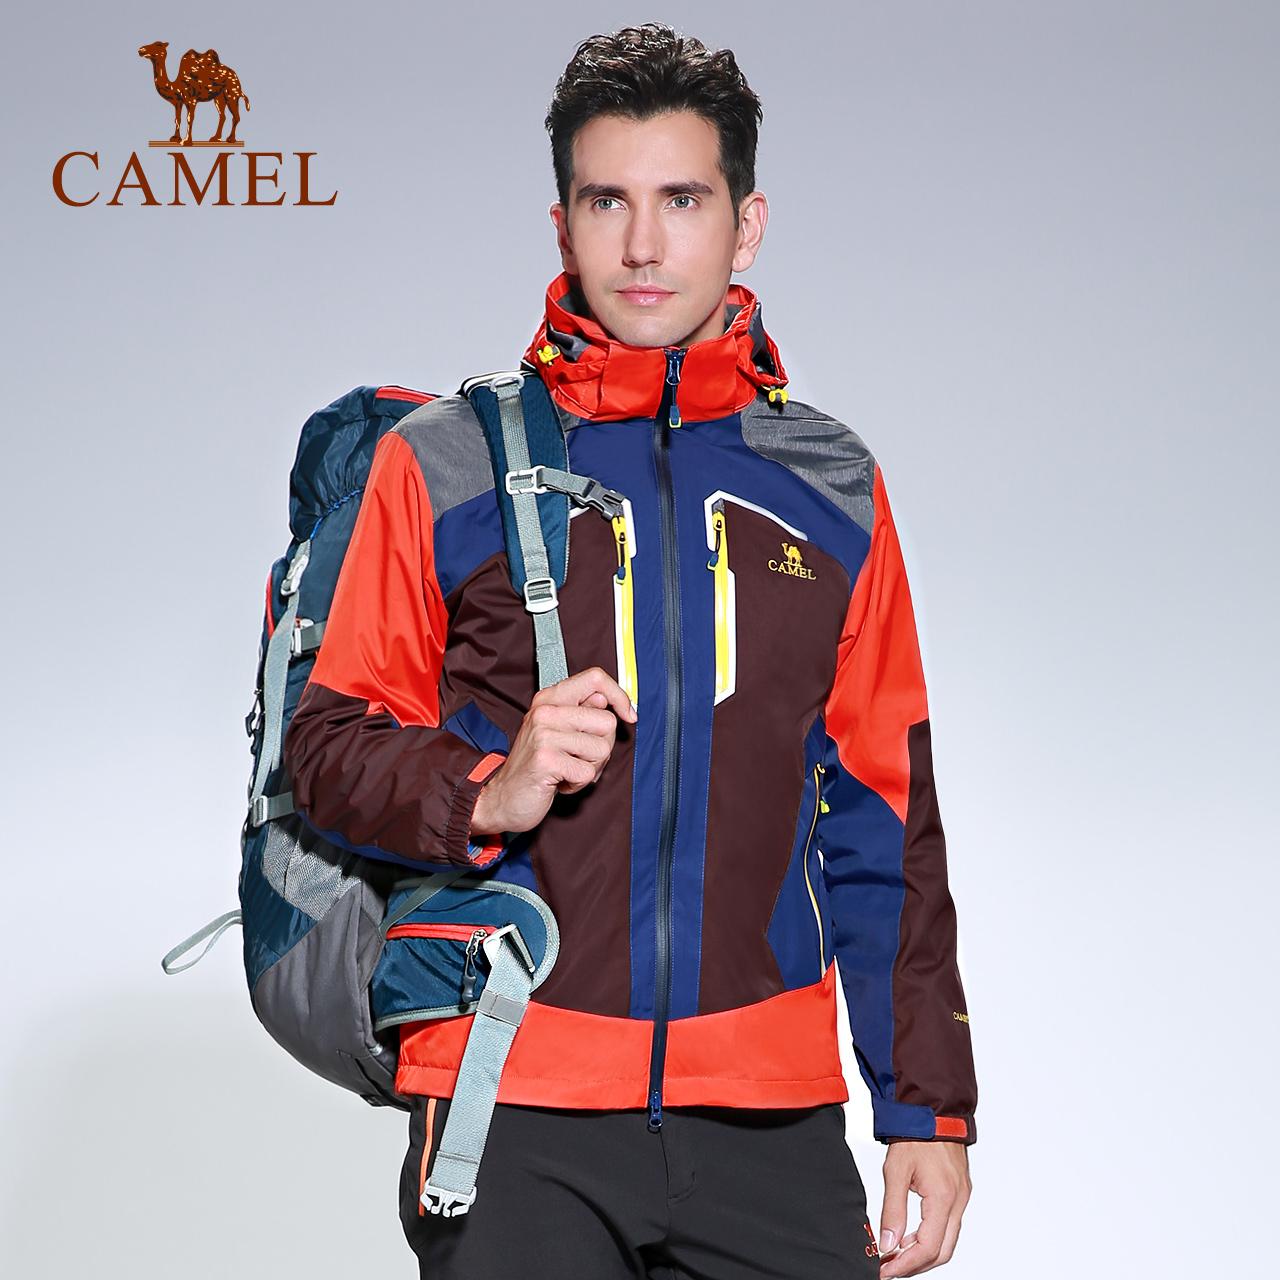 骆驼户外秋冬冲锋衣男 三合一户外两件套防水防风男士登山服西藏